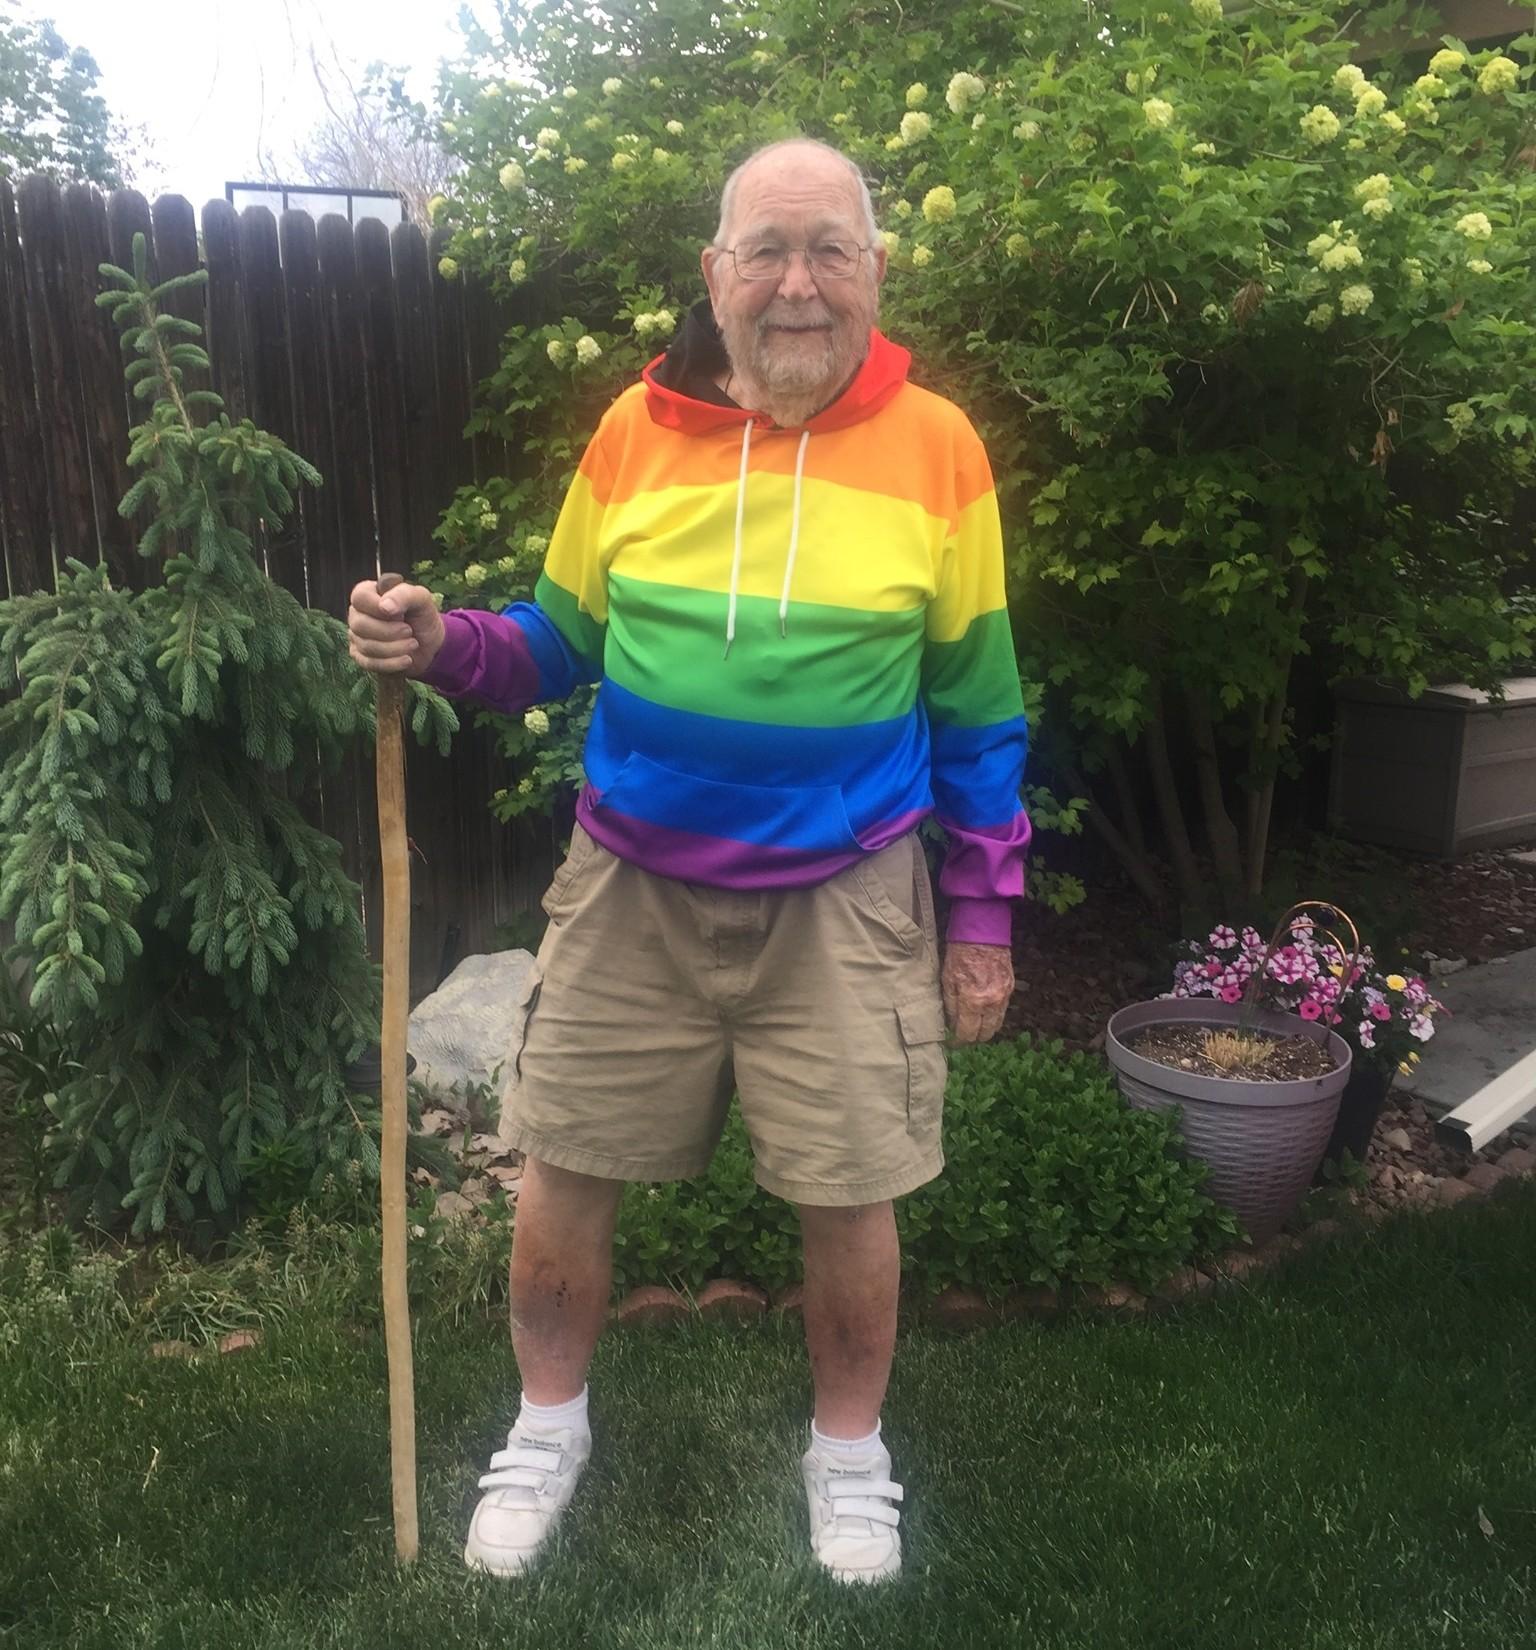 ▲▼美國90歲老爺爺勇敢出櫃,在fb寫回憶錄找舊情人。(圖/翻攝自Facebook/Kenneth Felts)